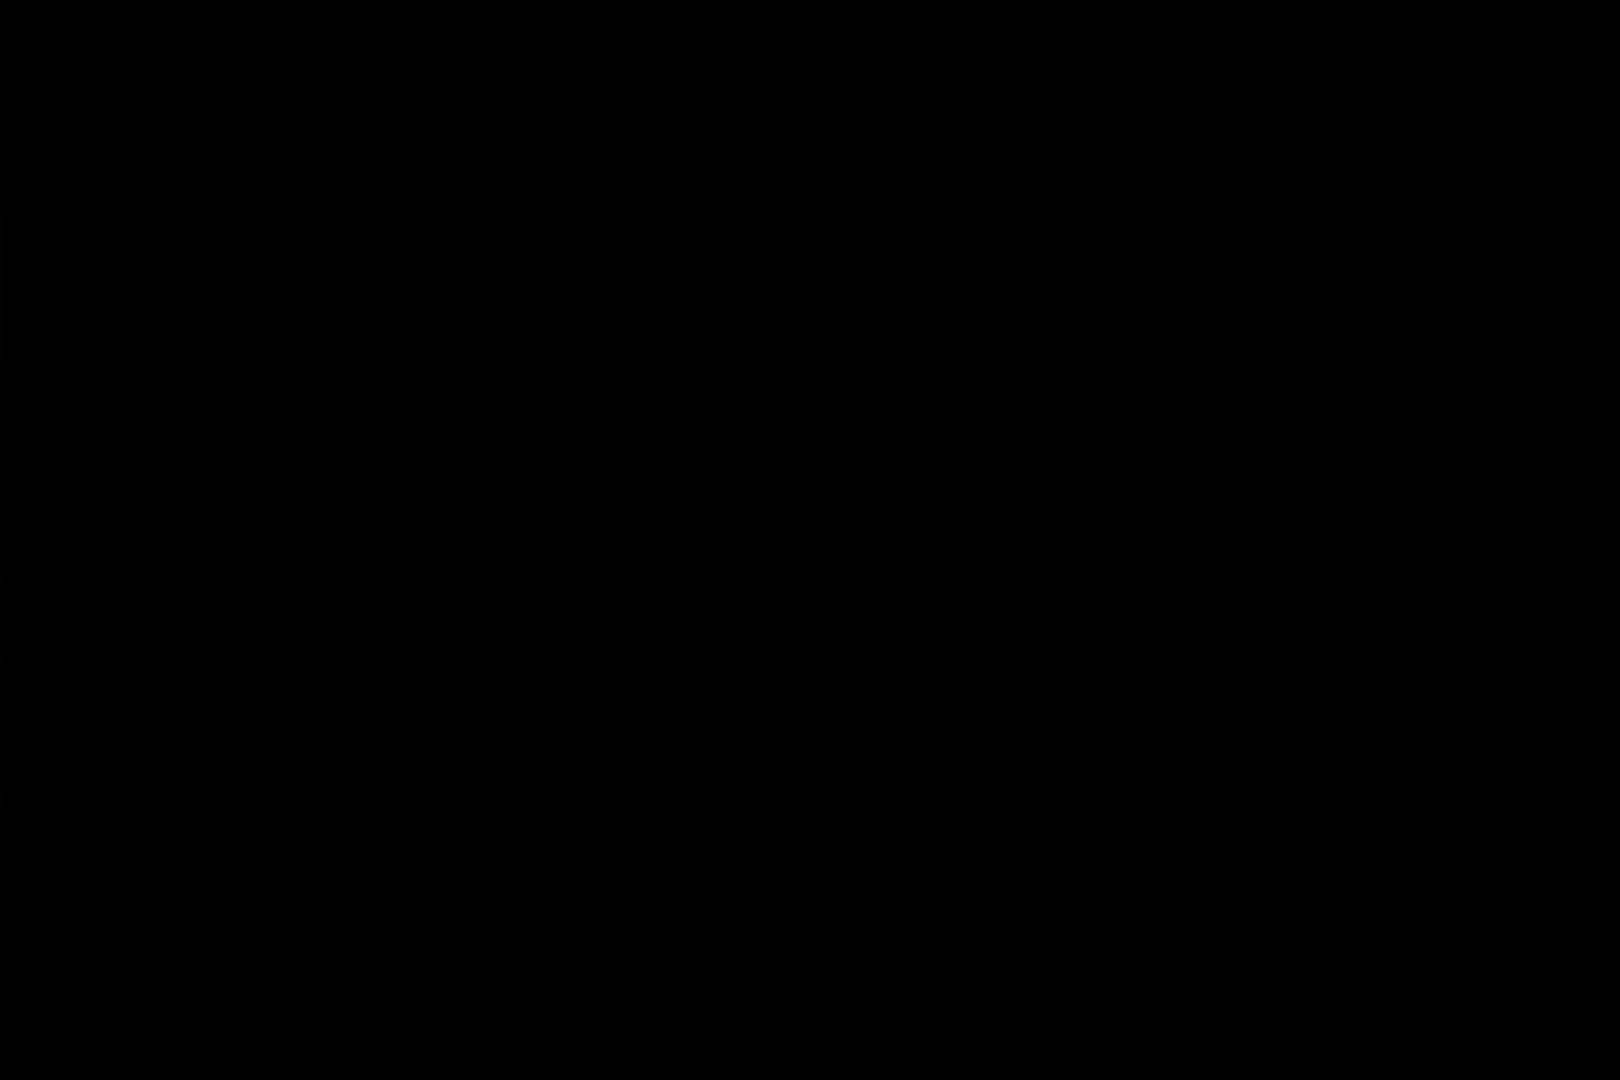 オナ好きノンケテニス部員の自画撮り投稿vol.05 玩具 ゲイアダルトビデオ画像 64pic 24